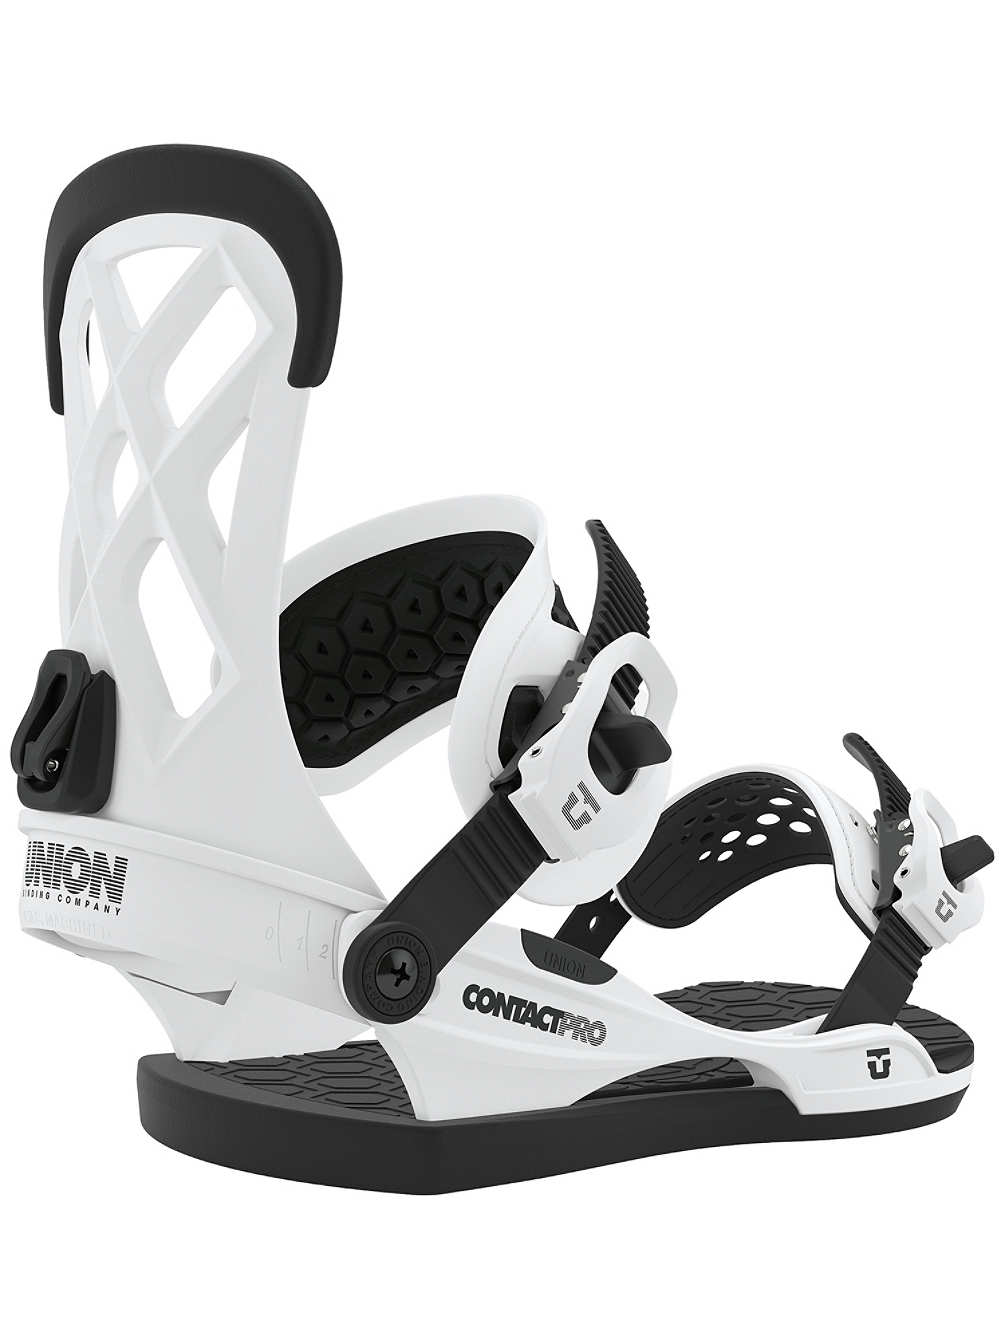 Snowboard Bindungen für Anfänger